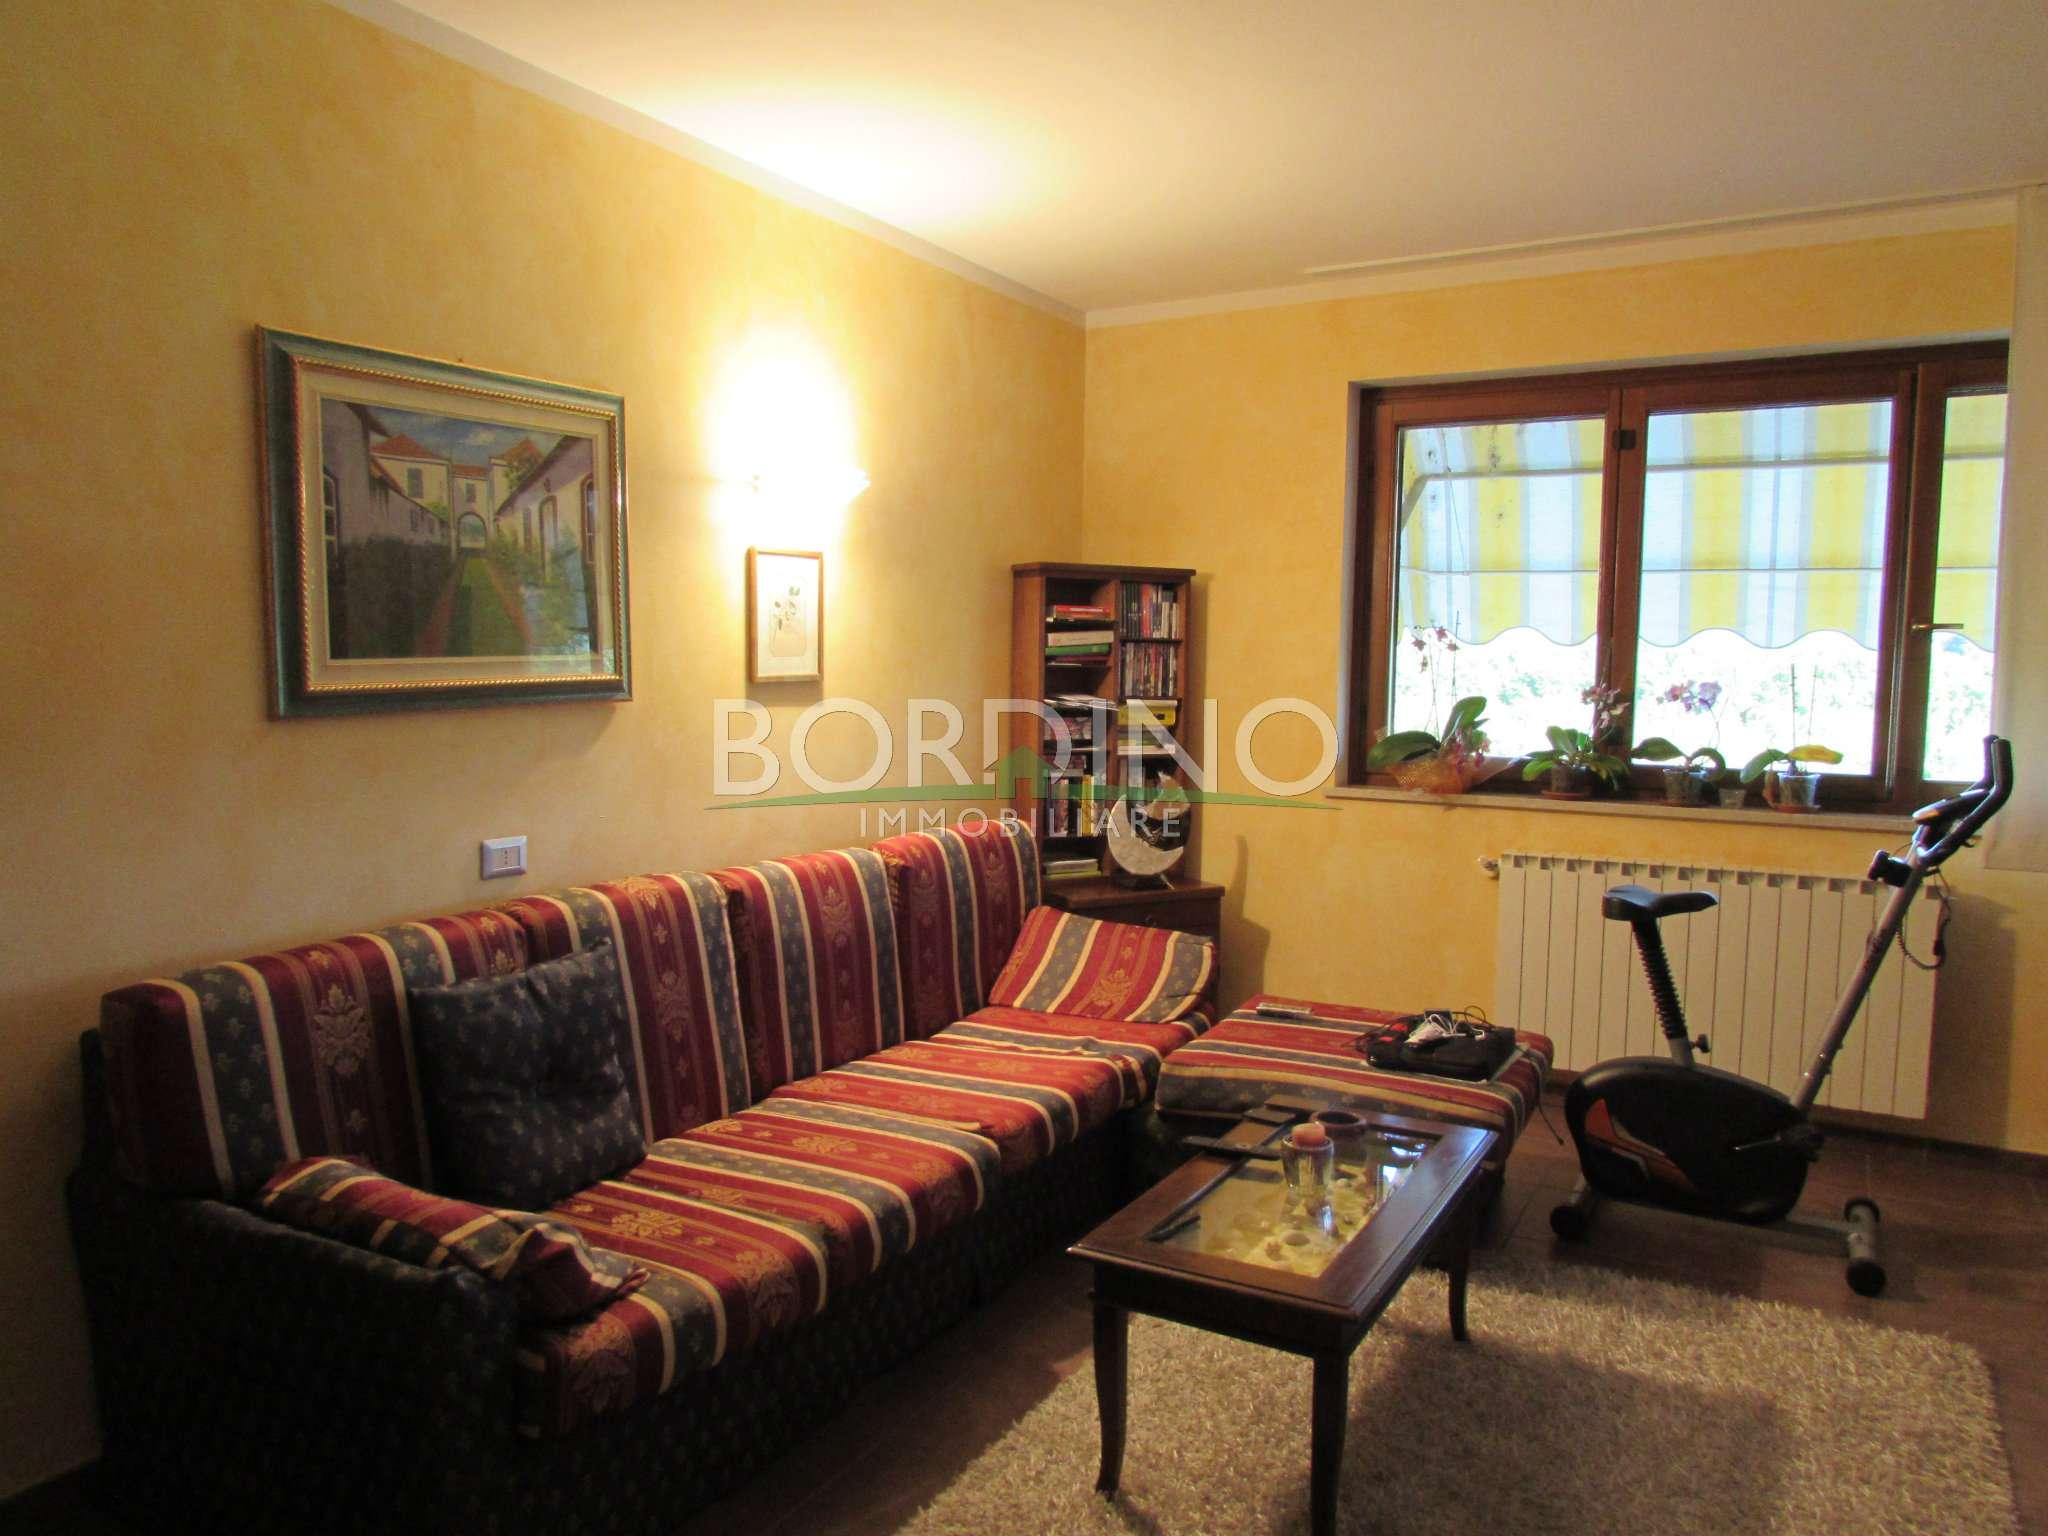 Appartamento in affitto a Magliano Alfieri, 4 locali, prezzo € 480 | CambioCasa.it